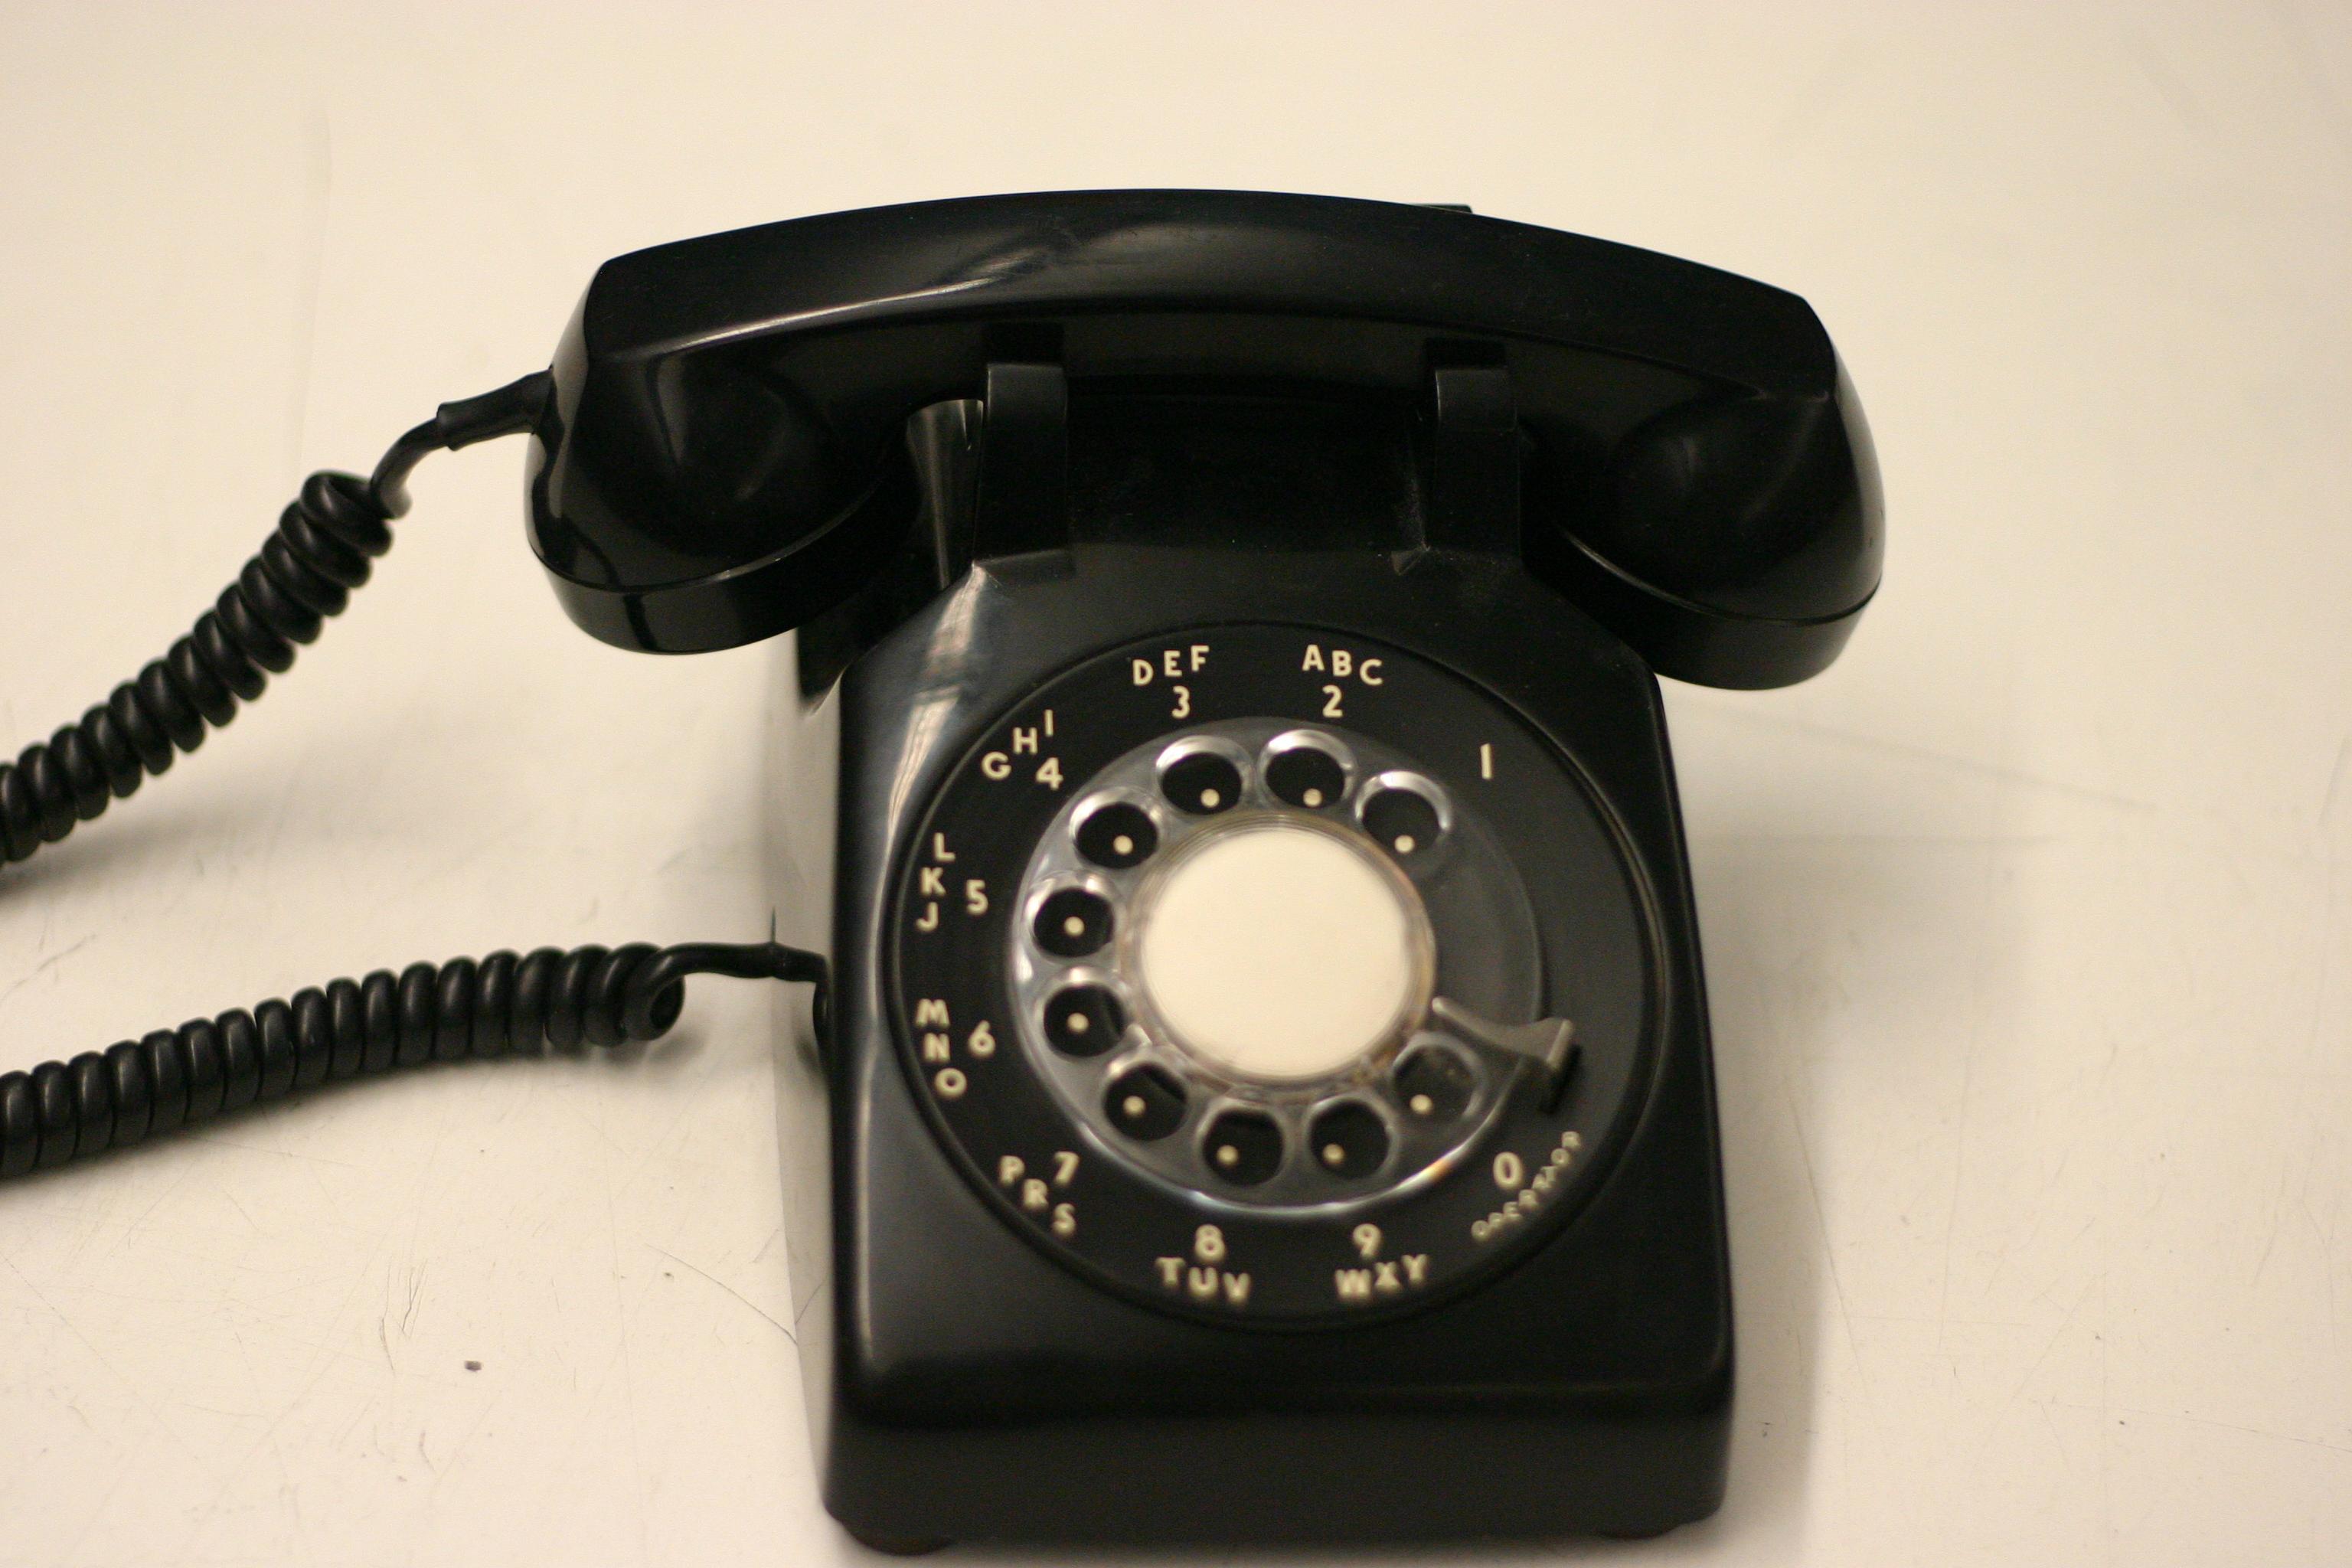 Old Fashioned Telephones Uk